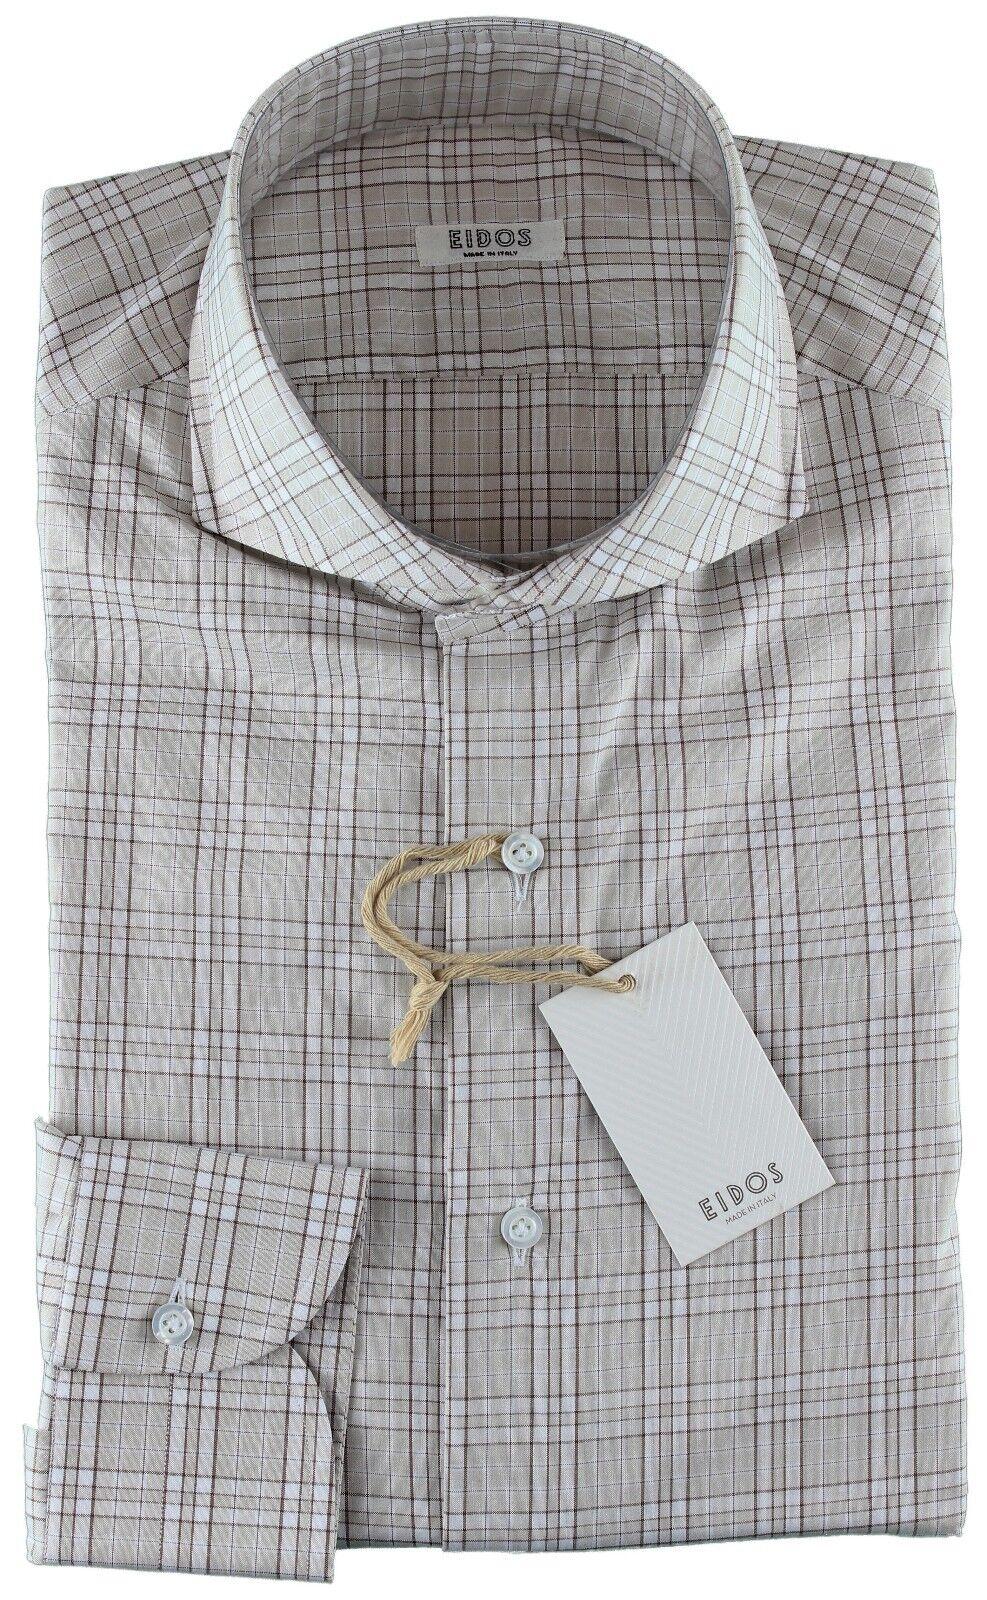 Nuevo con etiqueta Camisa Eidos por Isaia  Cuadros Beige blancoo Marrón Italia hecha a mano 43 17  barato